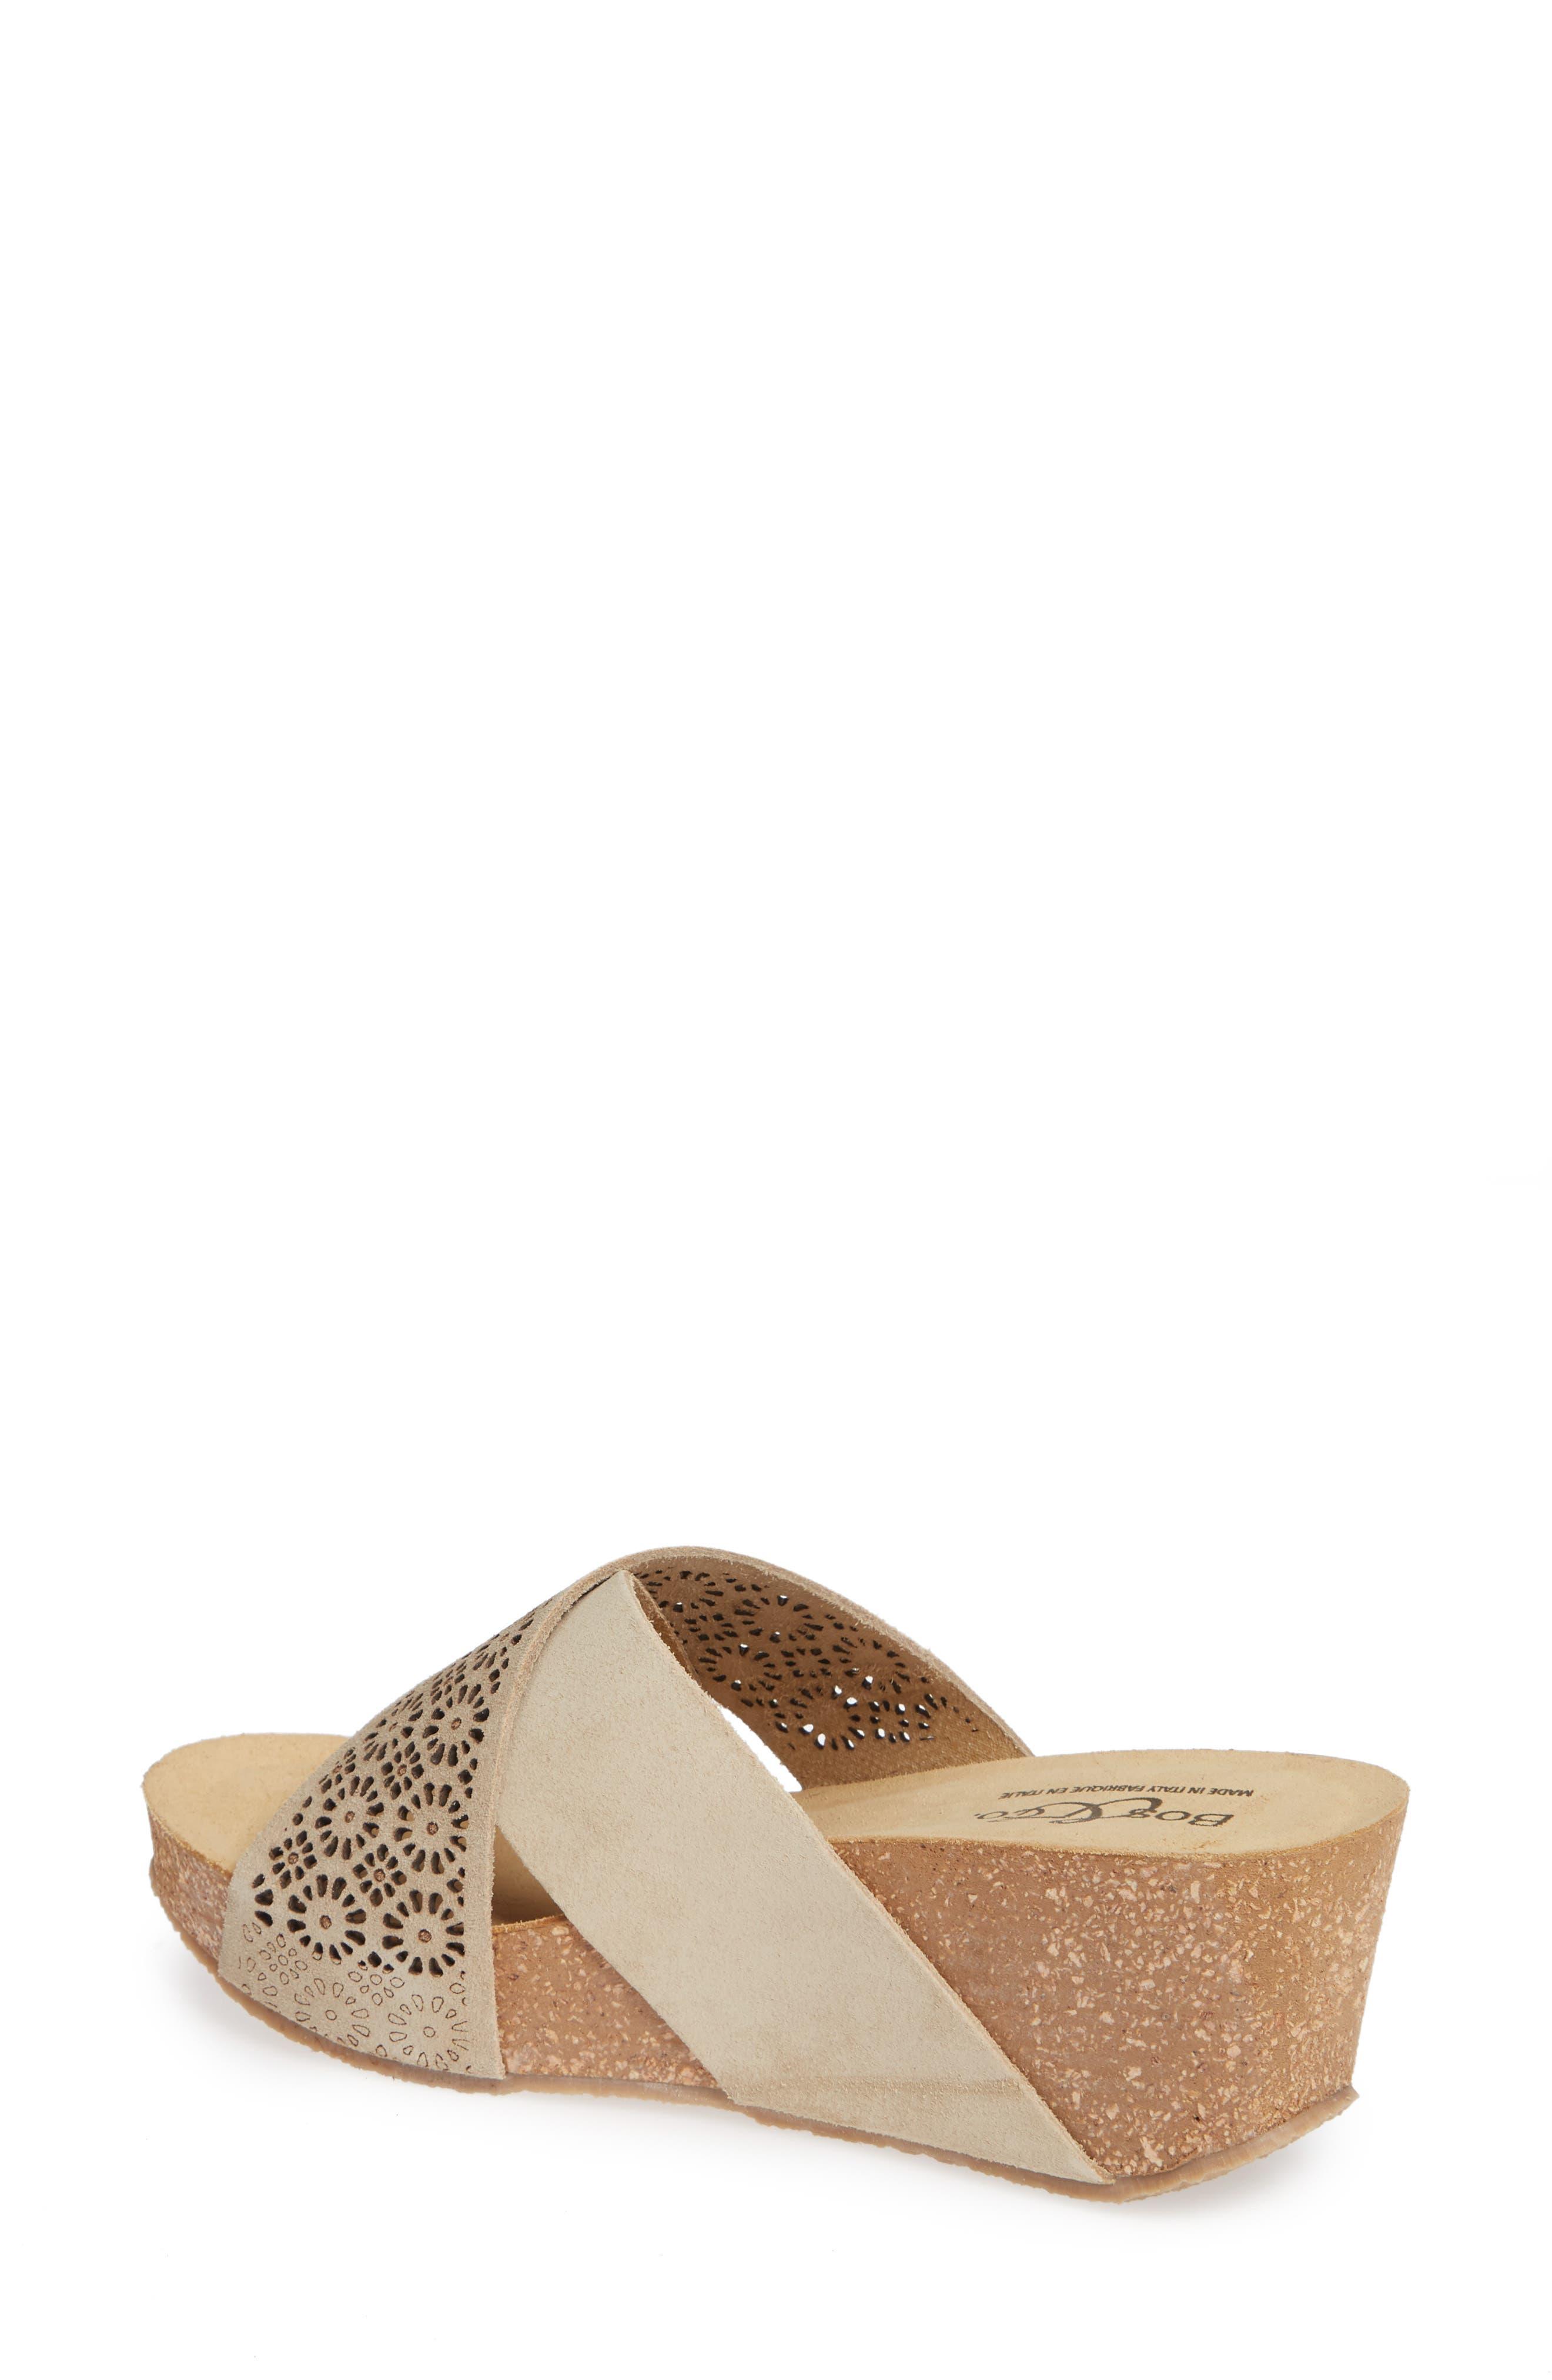 Lomi Platform Wedge Slide Sandal,                             Alternate thumbnail 2, color,                             BEIGE SUEDE